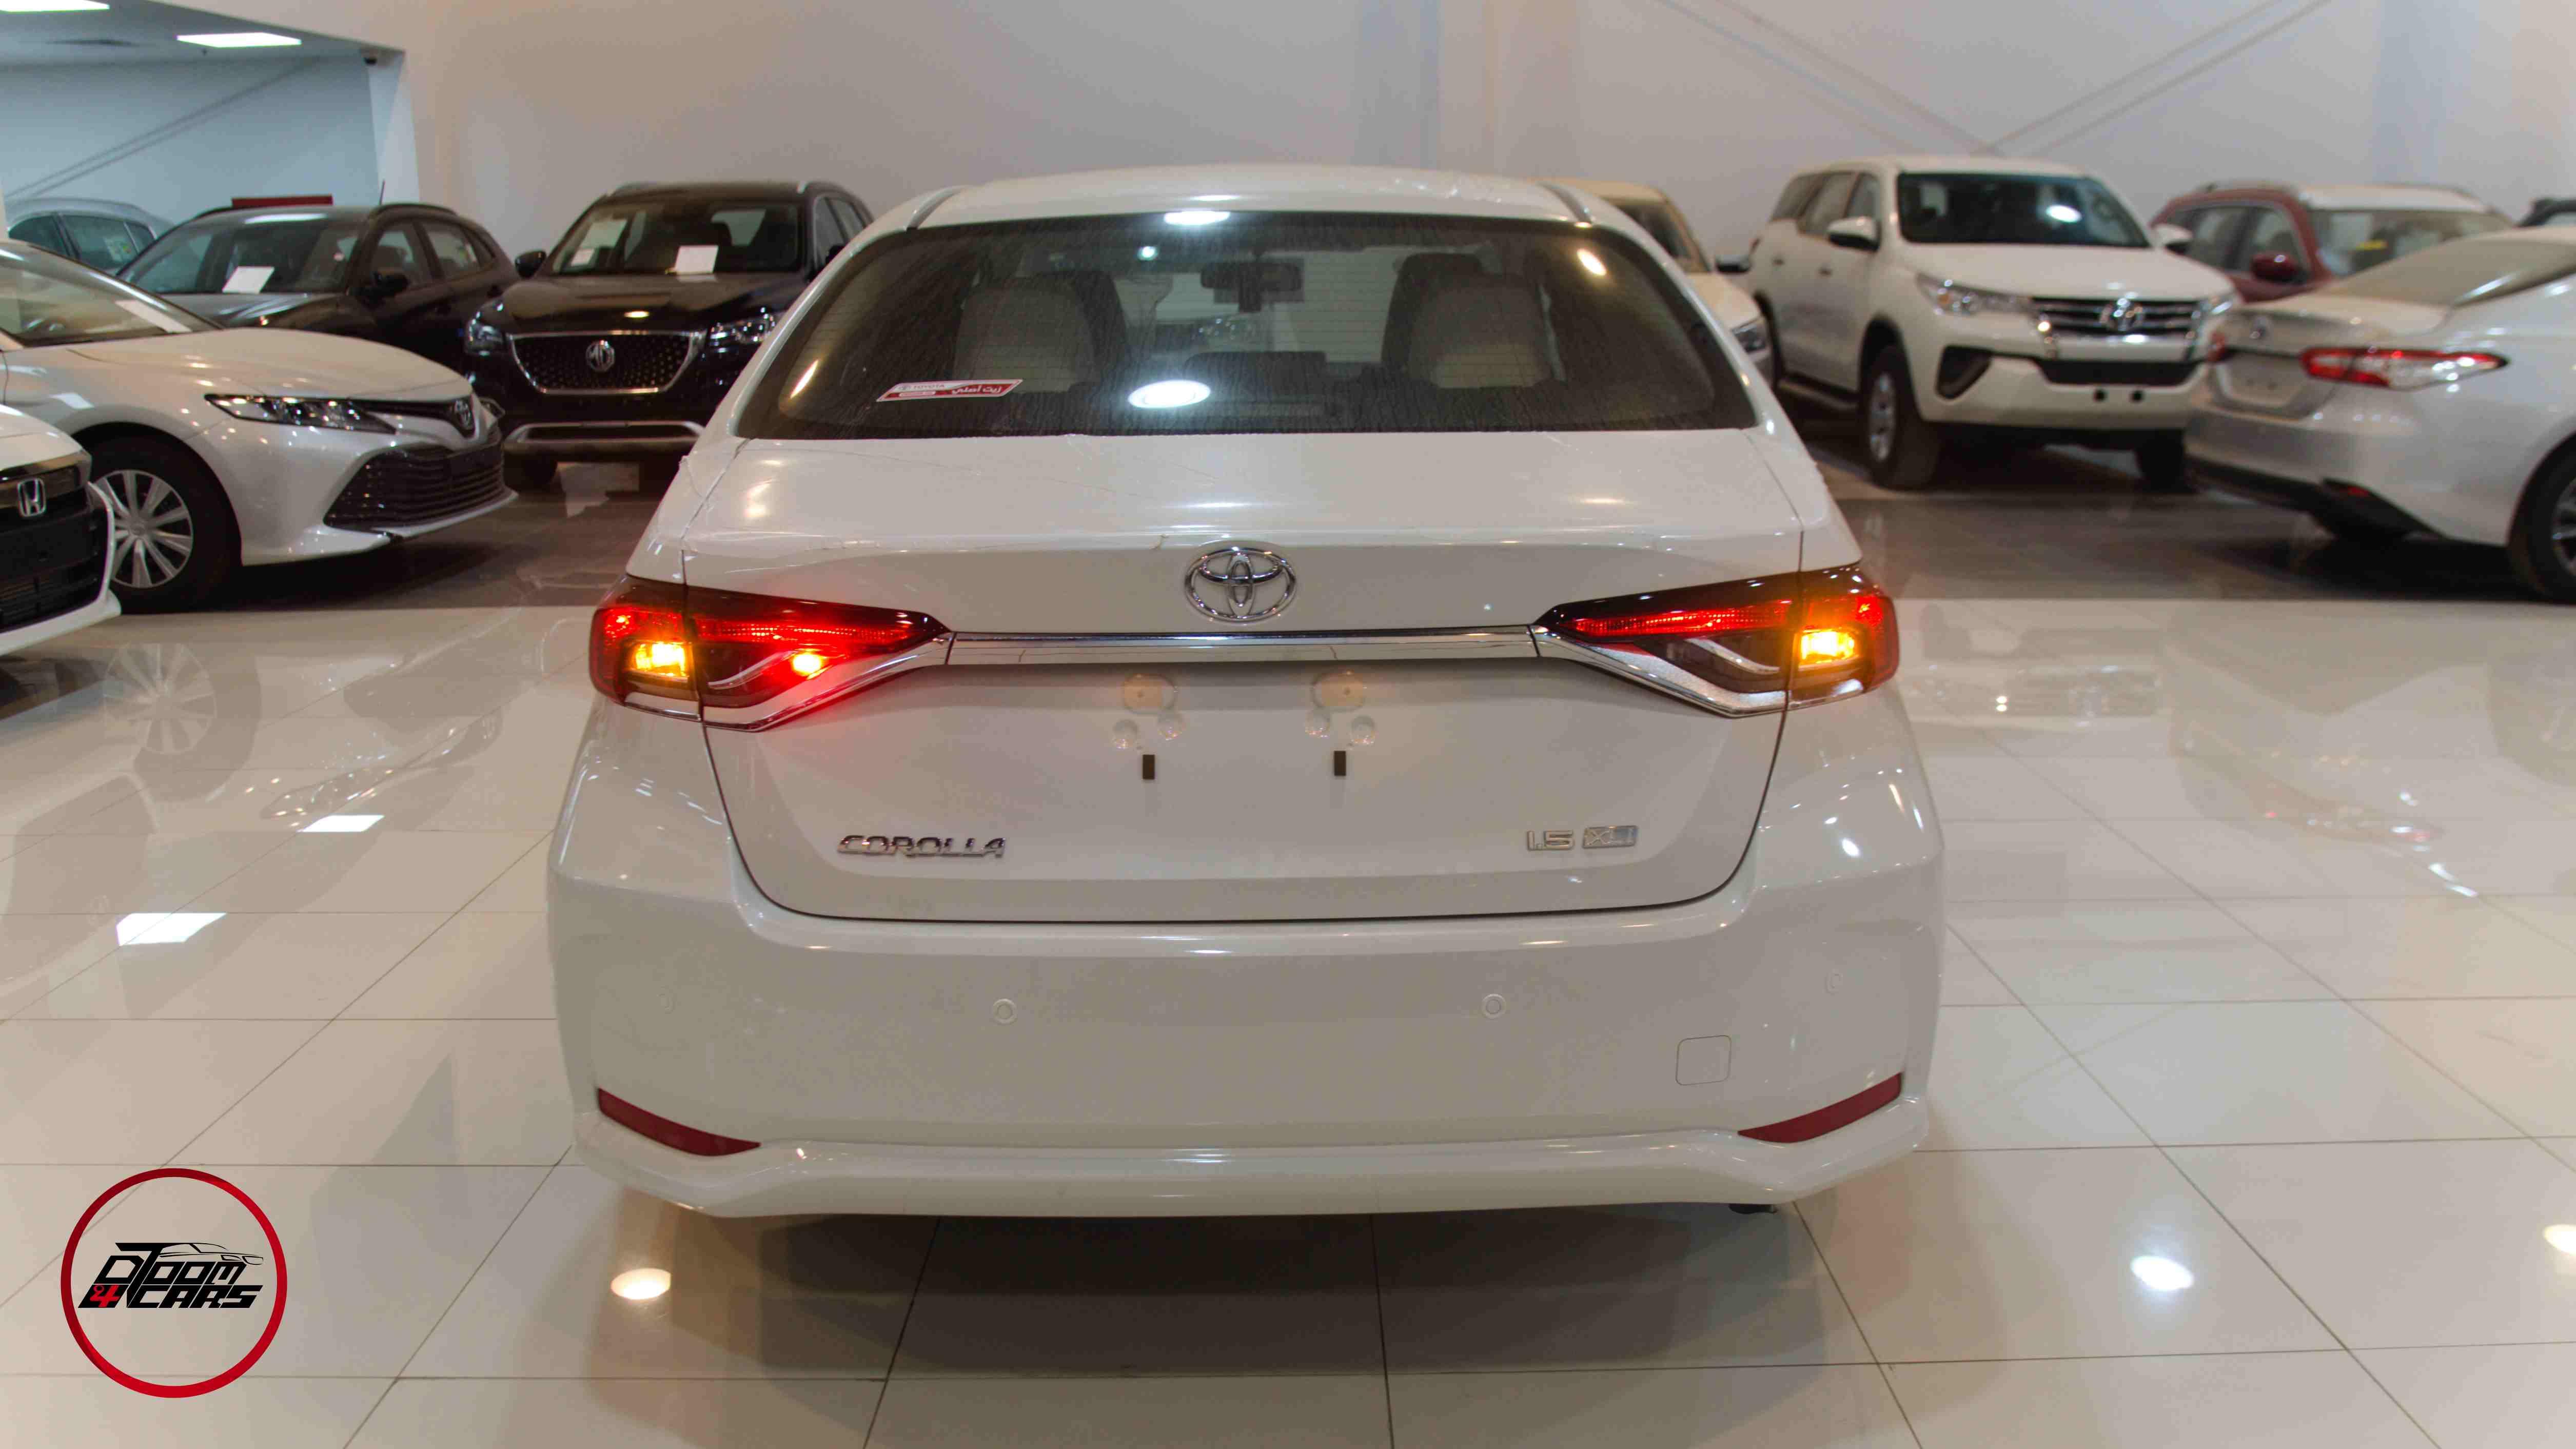 تويوتا كورولا 2021 ستاندر  XLi سعودي جديد للبيع في الرياض - السعودية - صورة كبيرة - 5